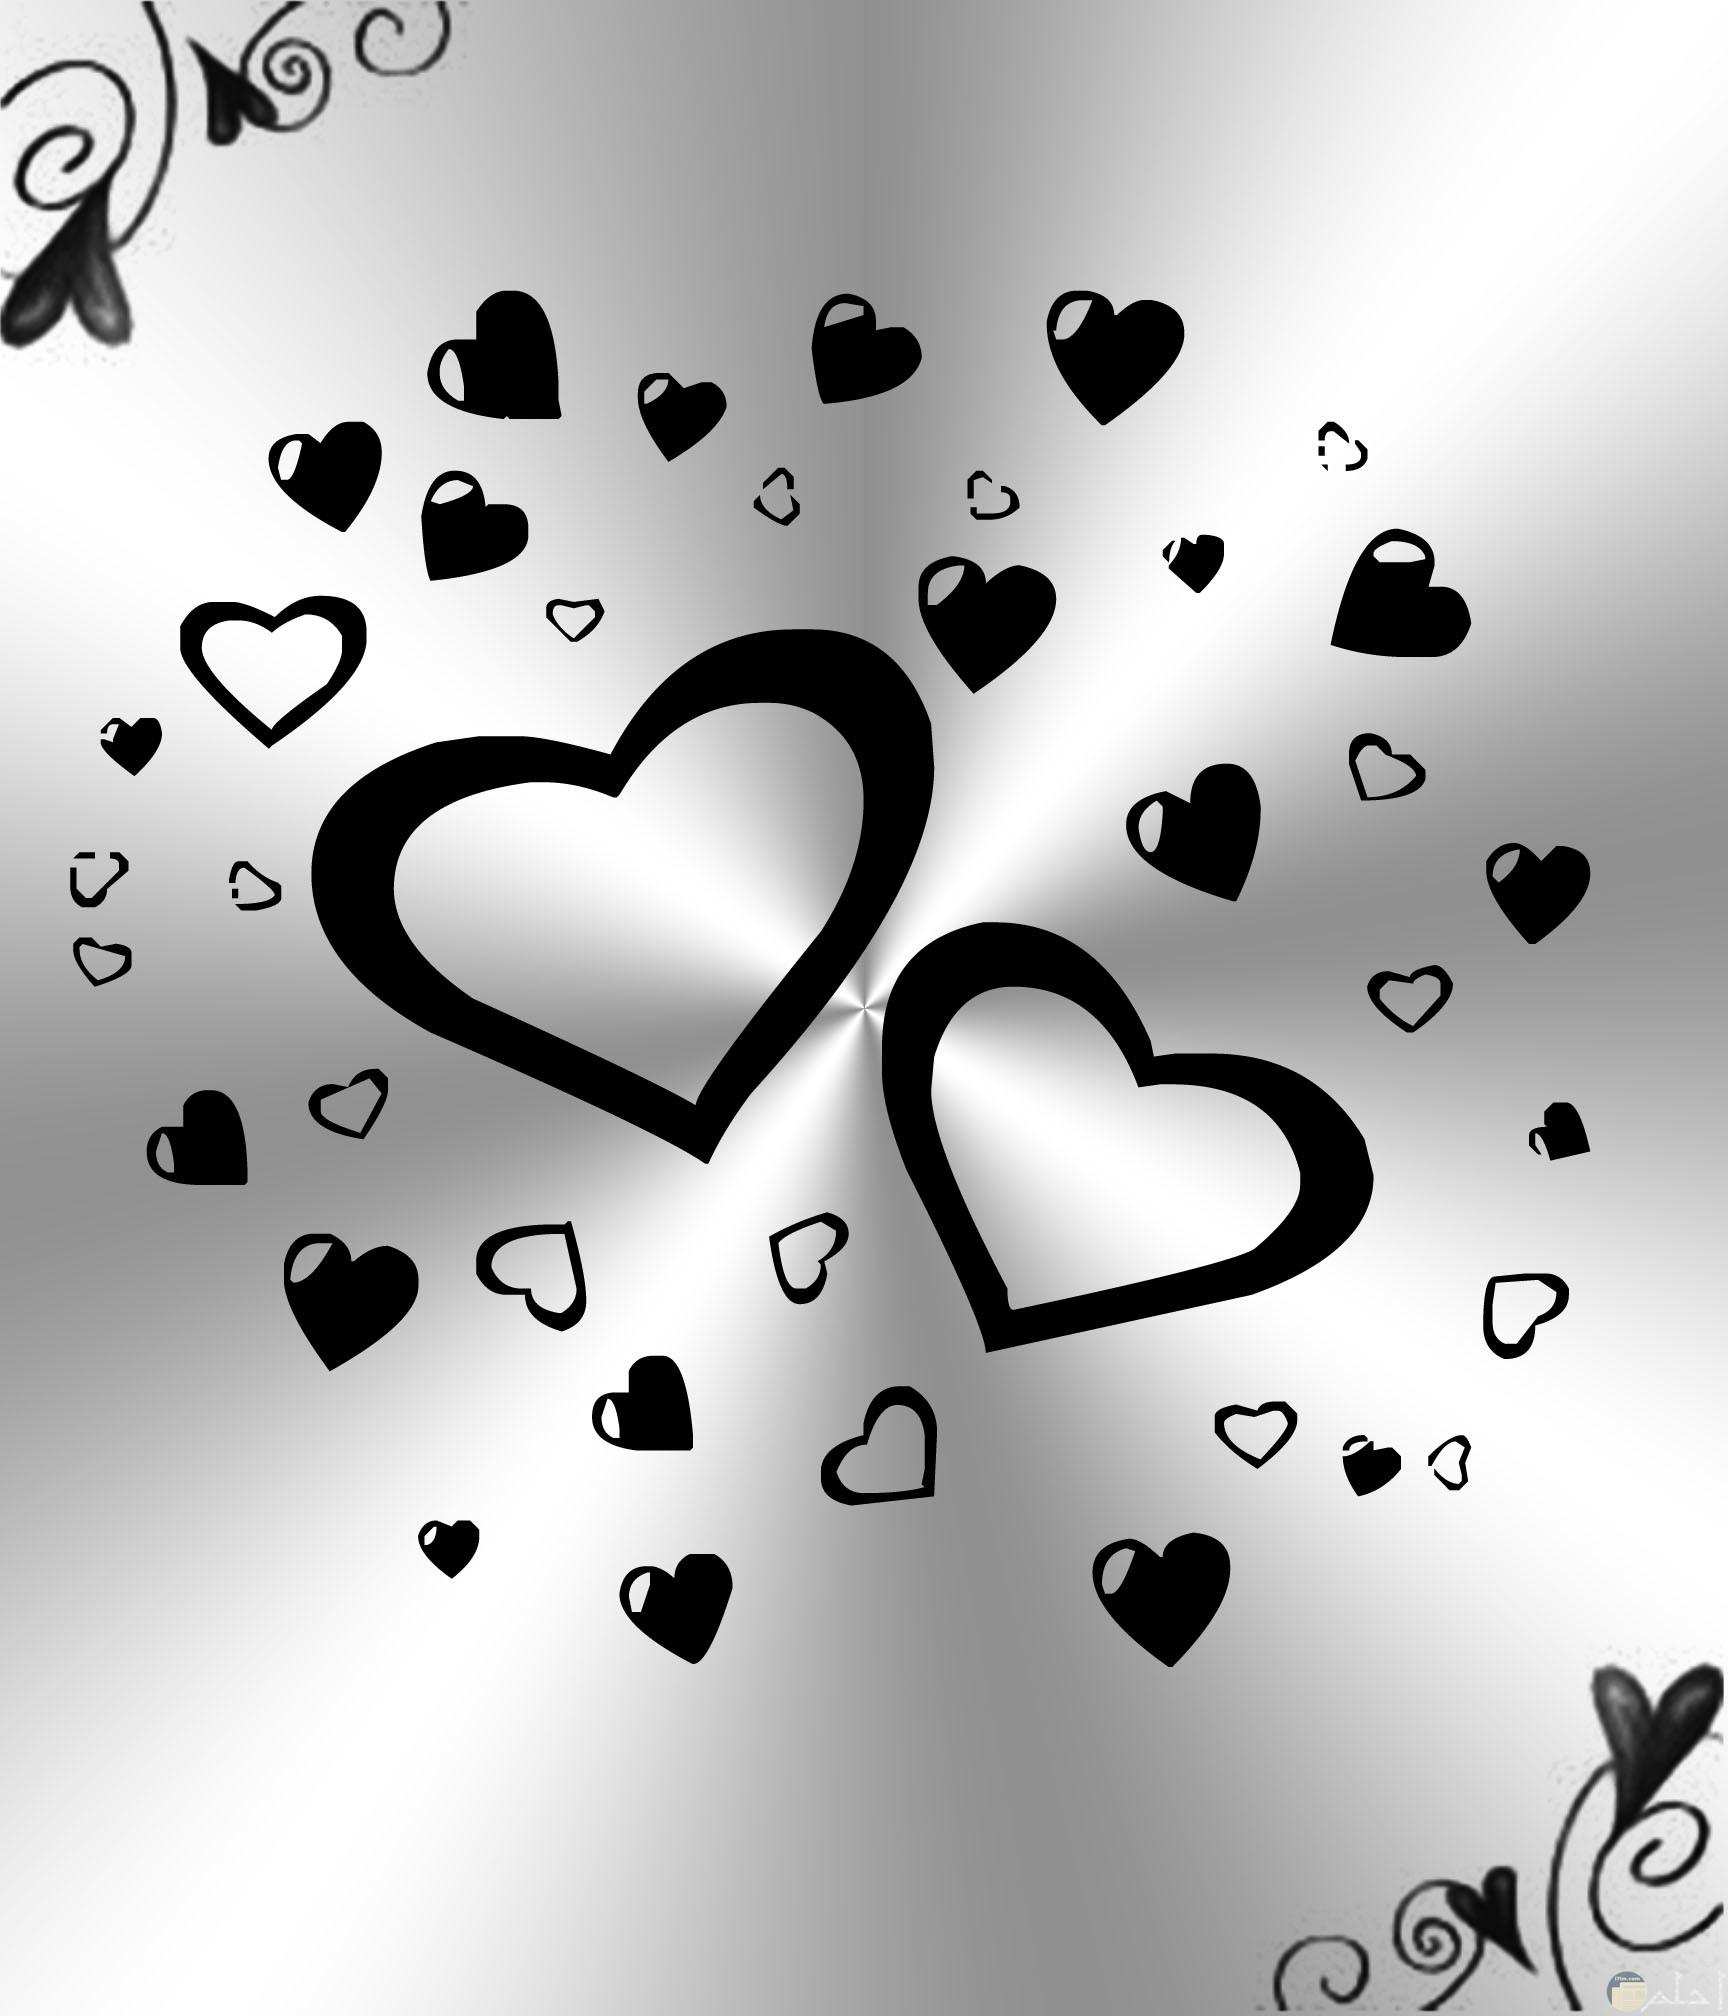 صورة قلوب أبيض وأسود لامعة فضية